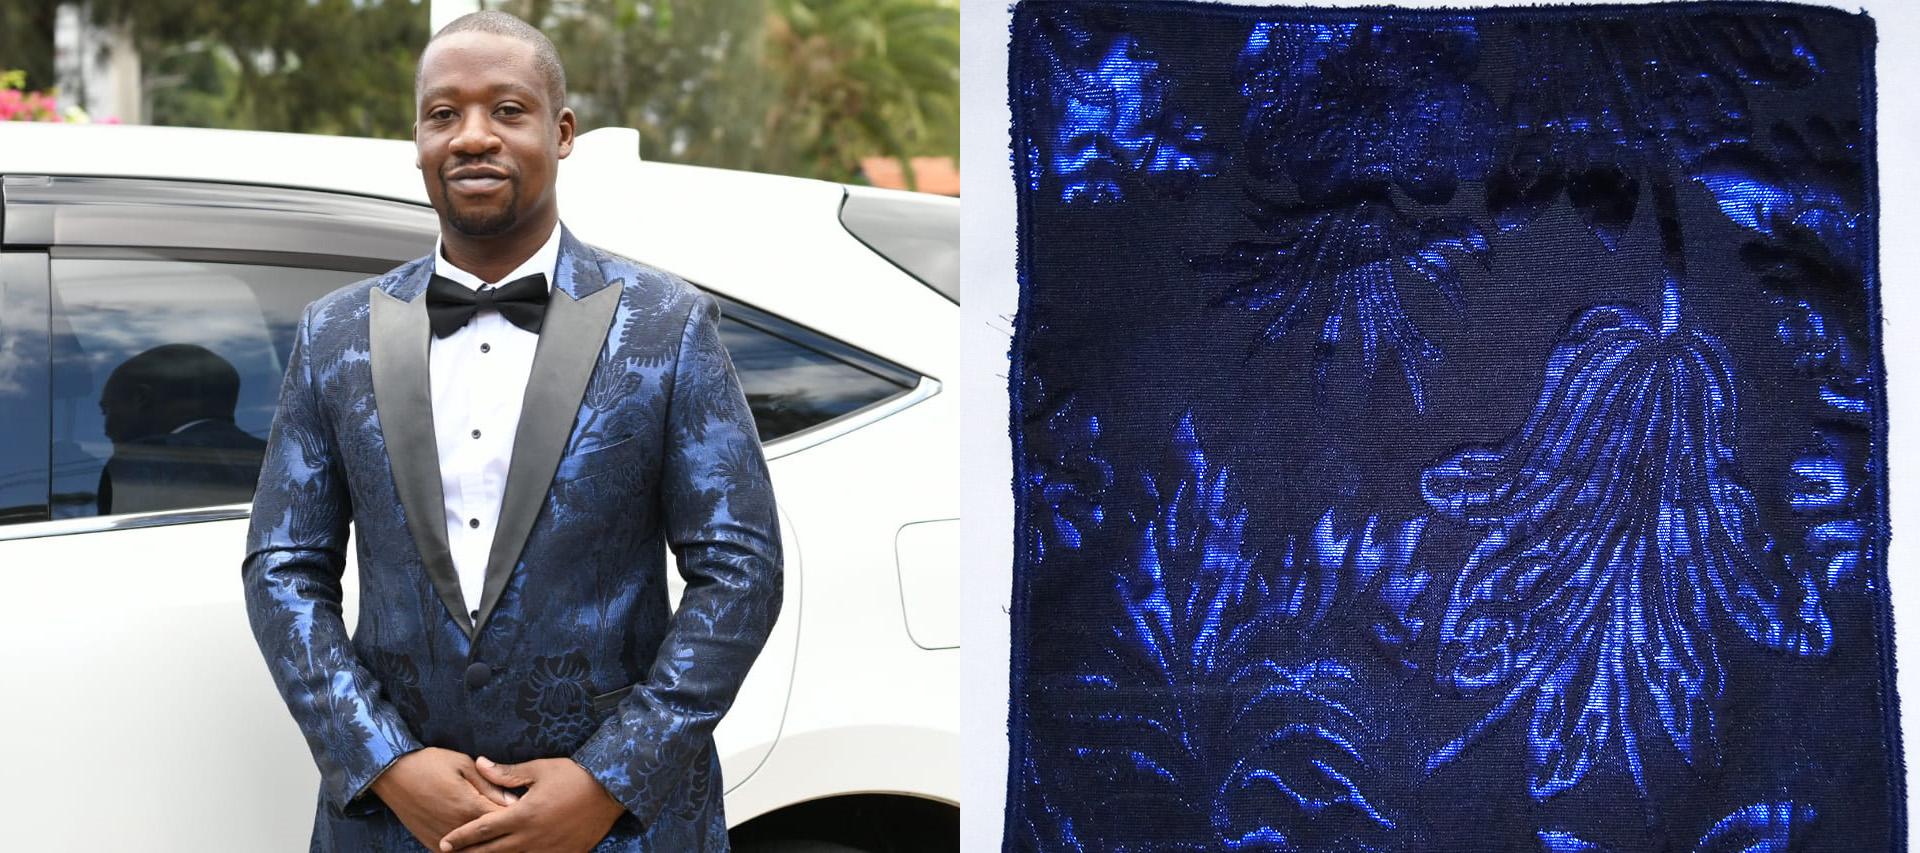 Blue brocade dinner jacket for wedding appearance Kenya